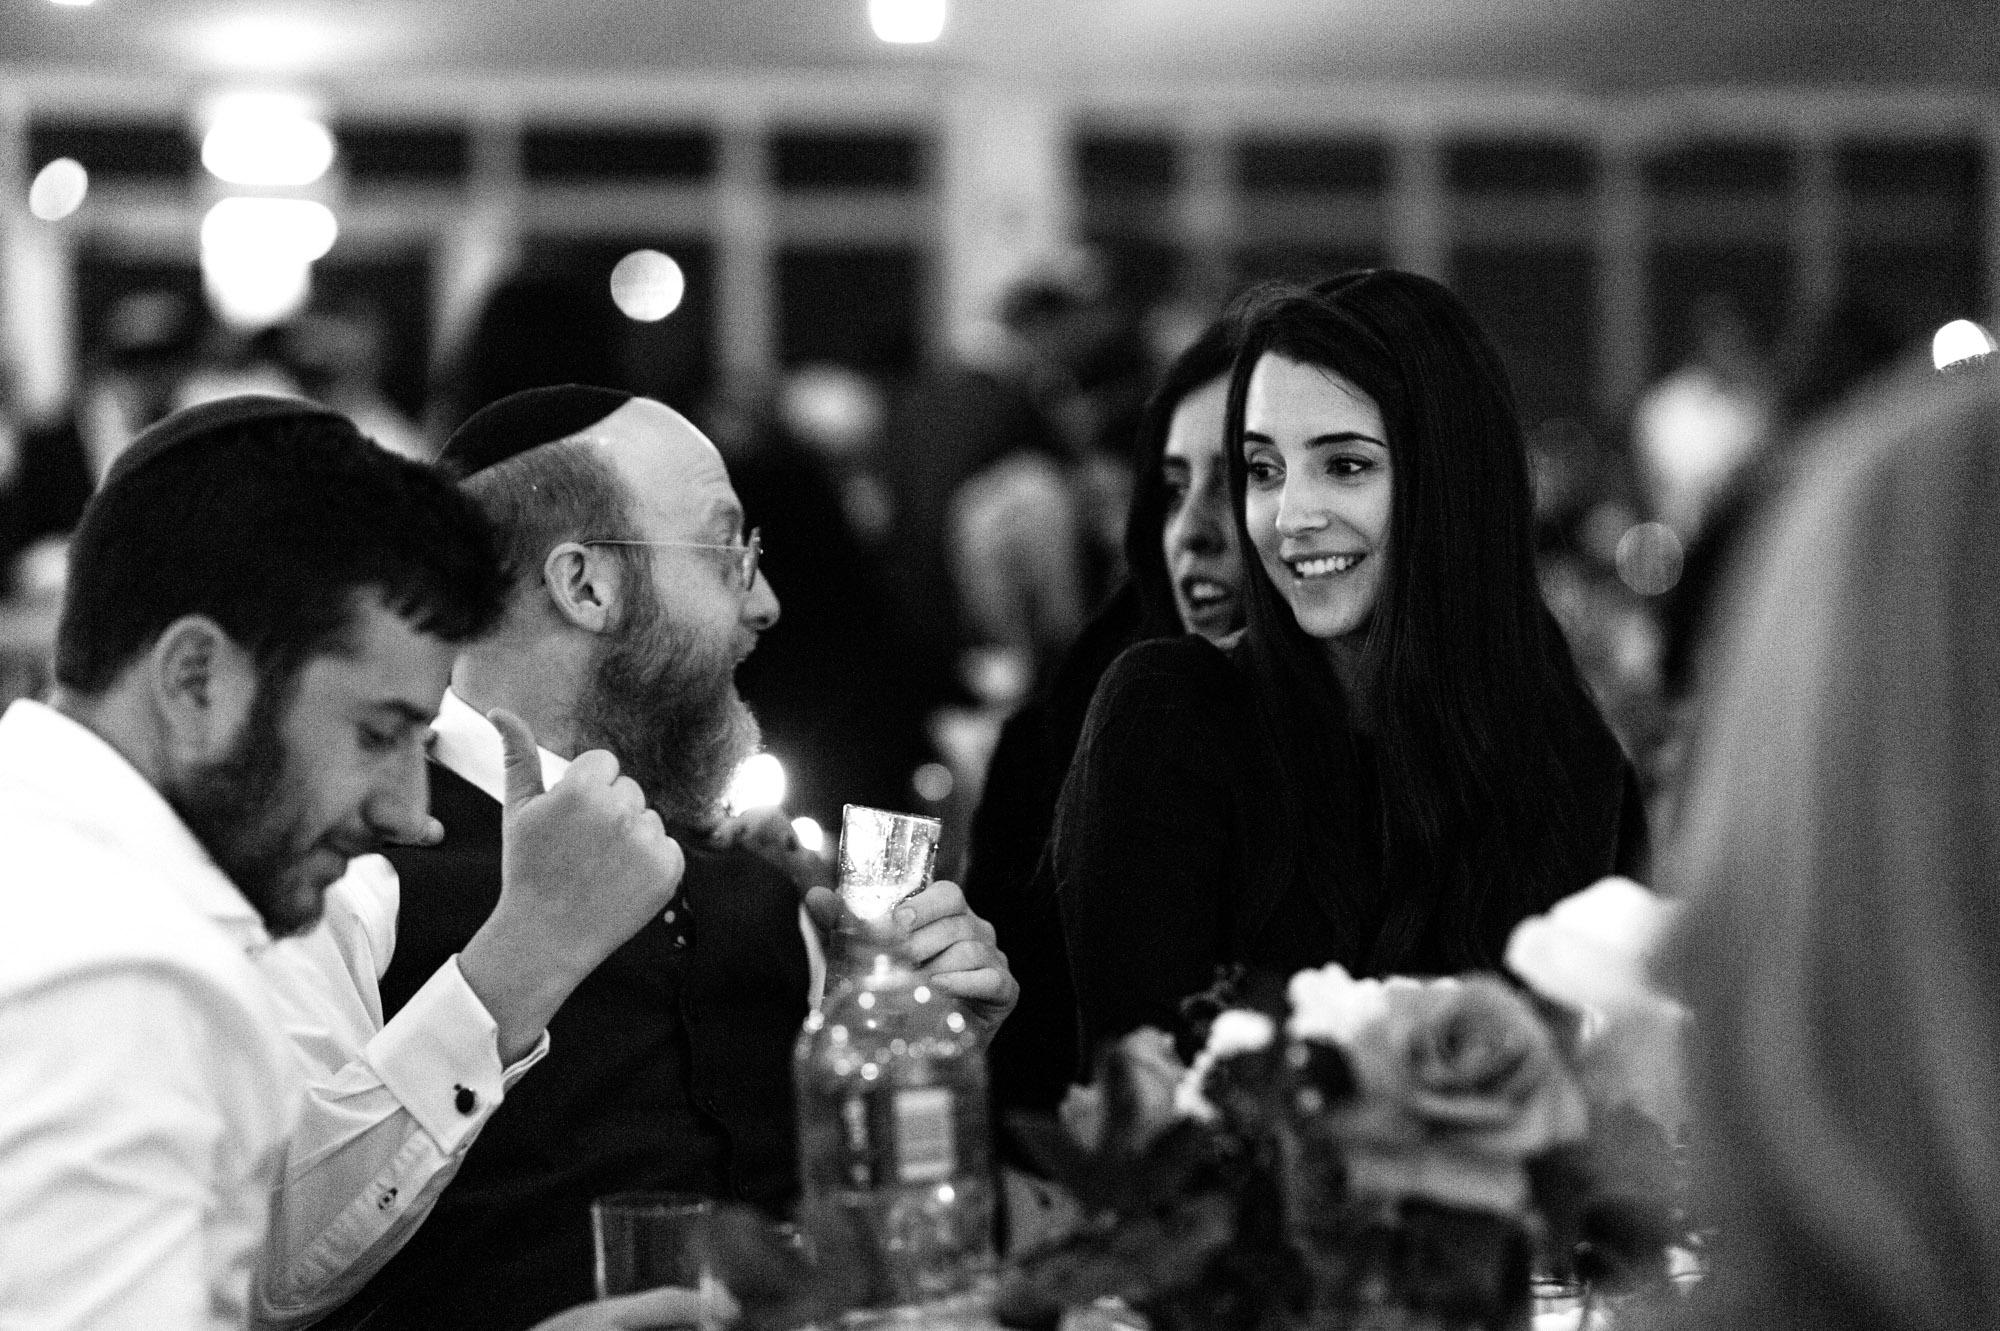 john-henry-wedding-photographer-aaron-devorah-the-lookout-125.JPG